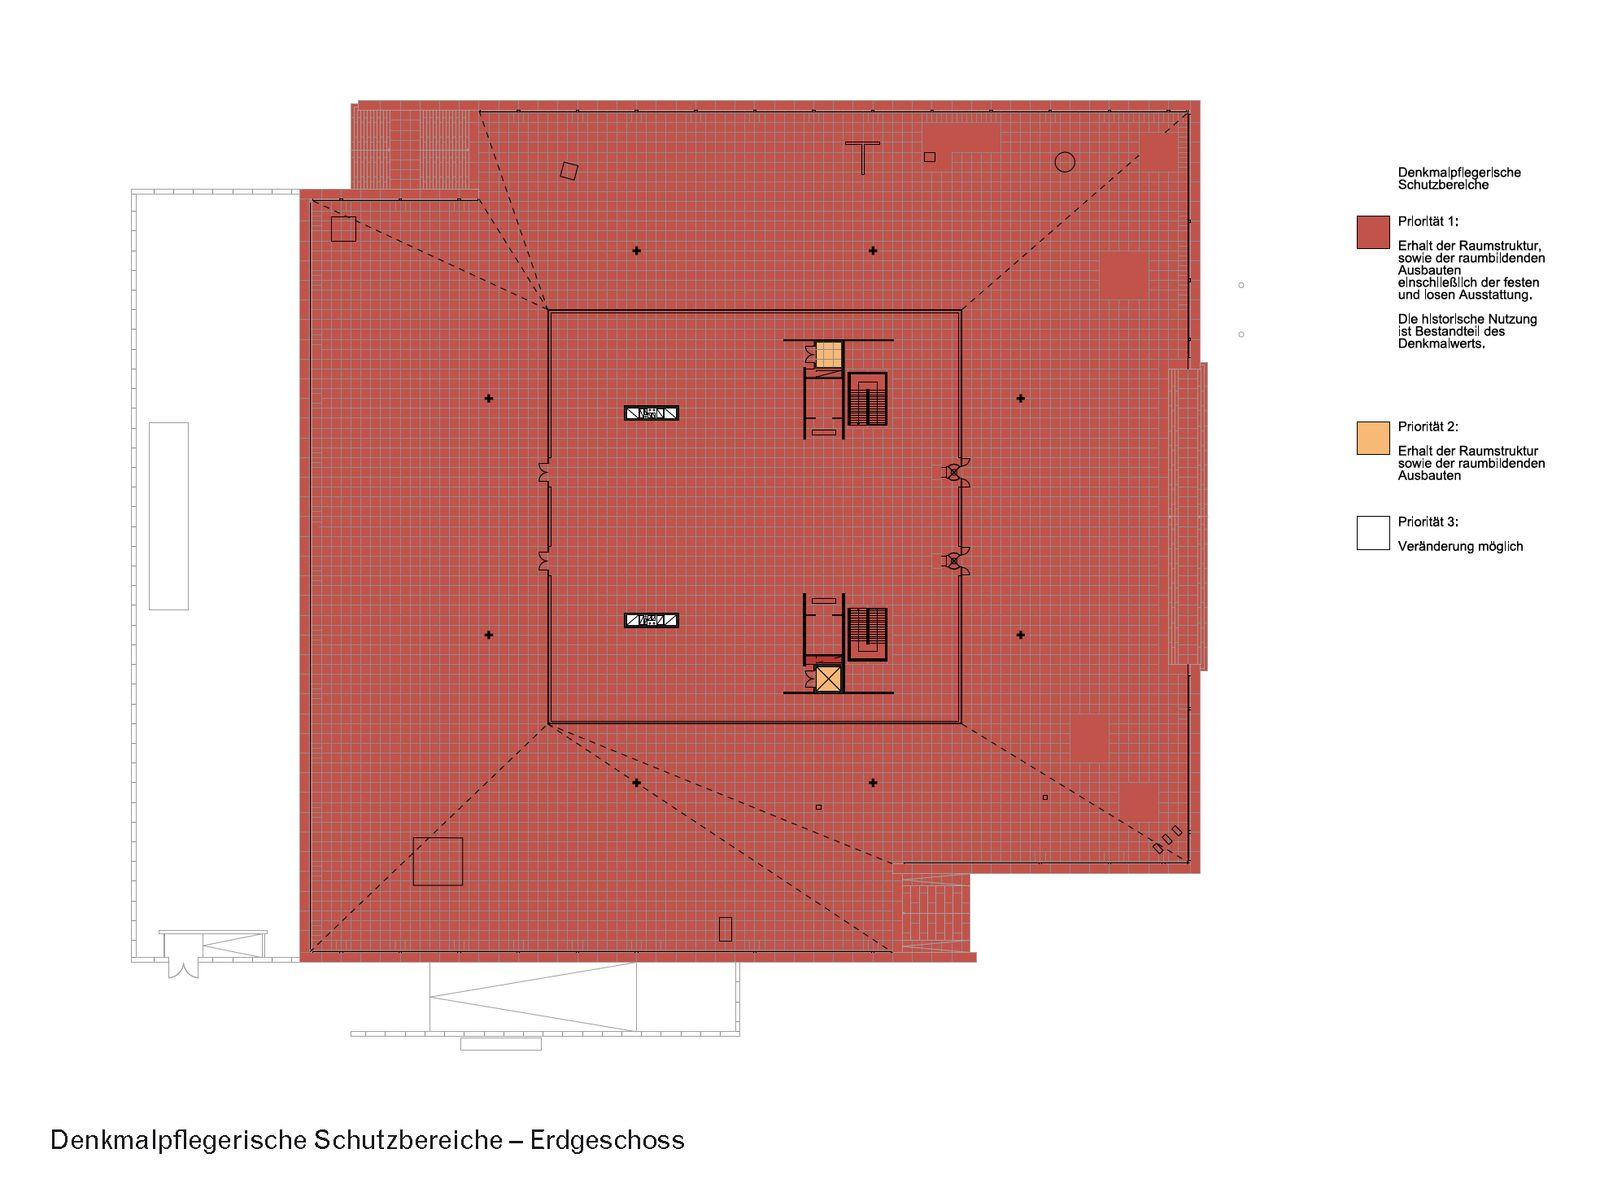 Denkmalpflegerischer Schutzbereich im Erdgeschoss der Neuen Nationalgalerie. (c) David Chipperfield Architects für Bundesamt für Bauwesen und Raumordnung (BBR)